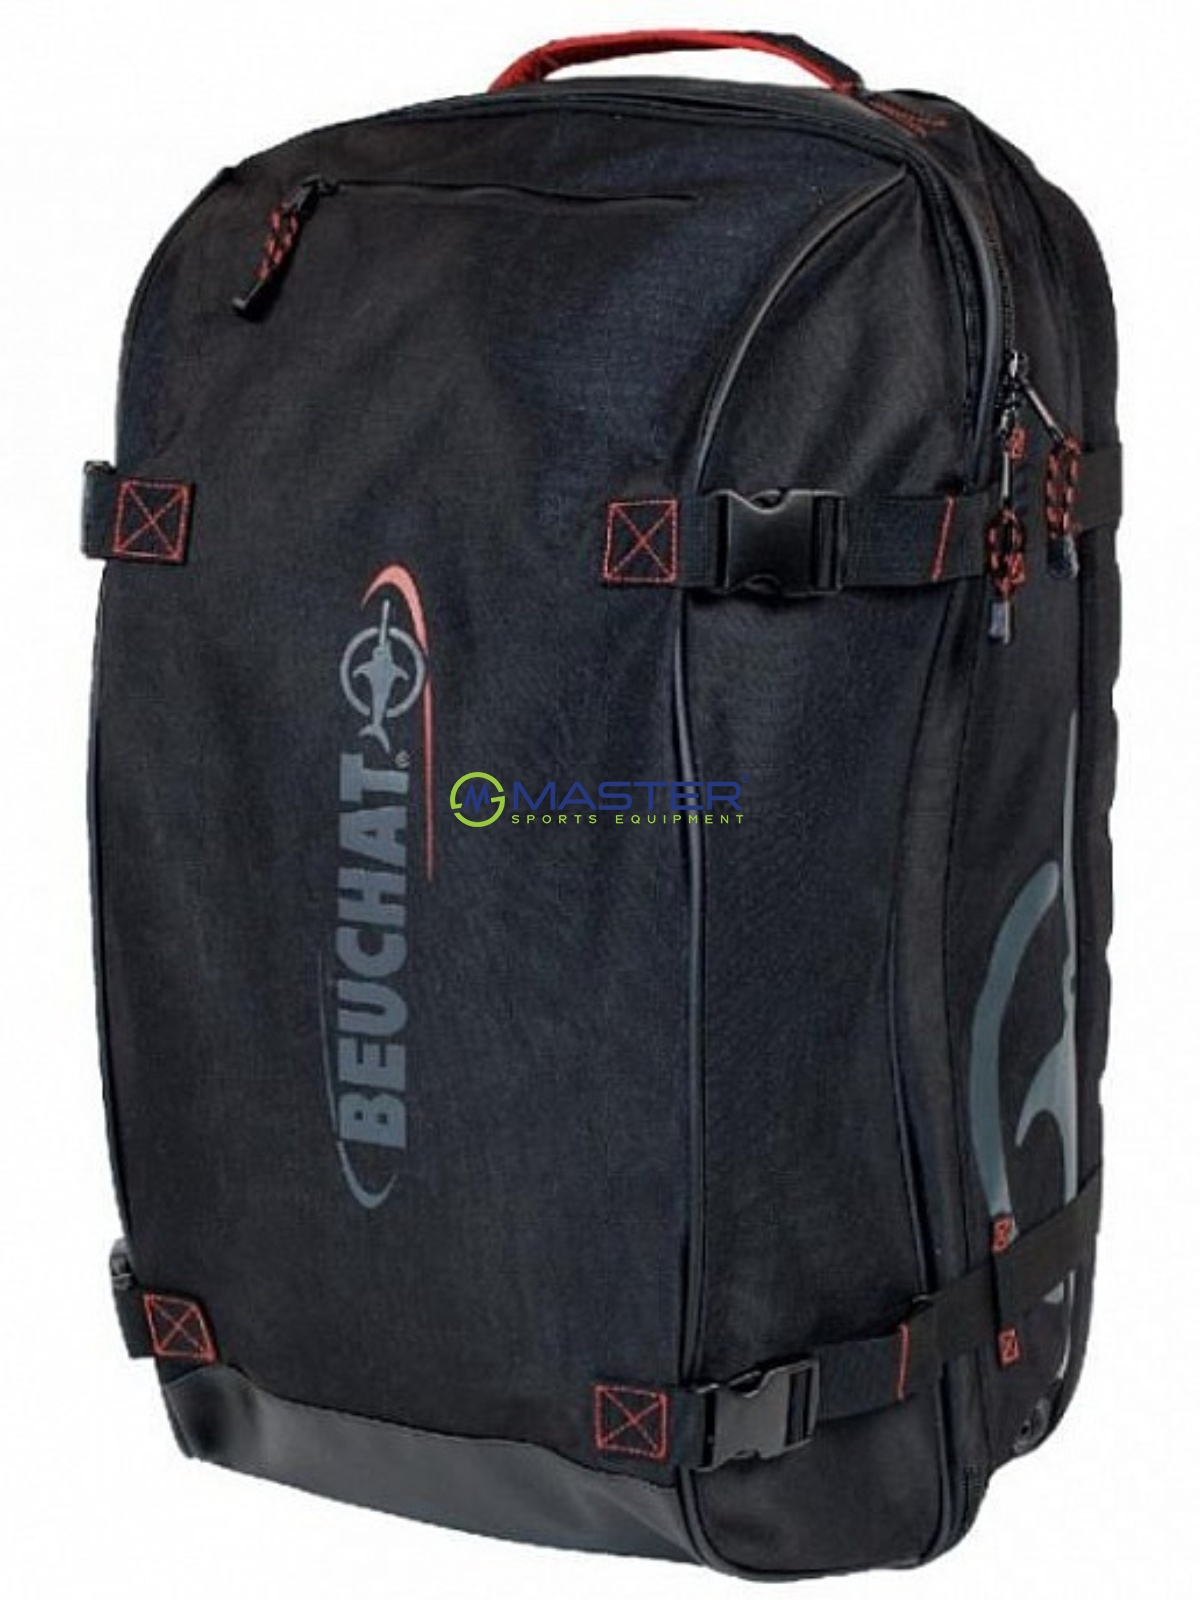 Taška BEUCHAT Voyager bag XL  b34671c906